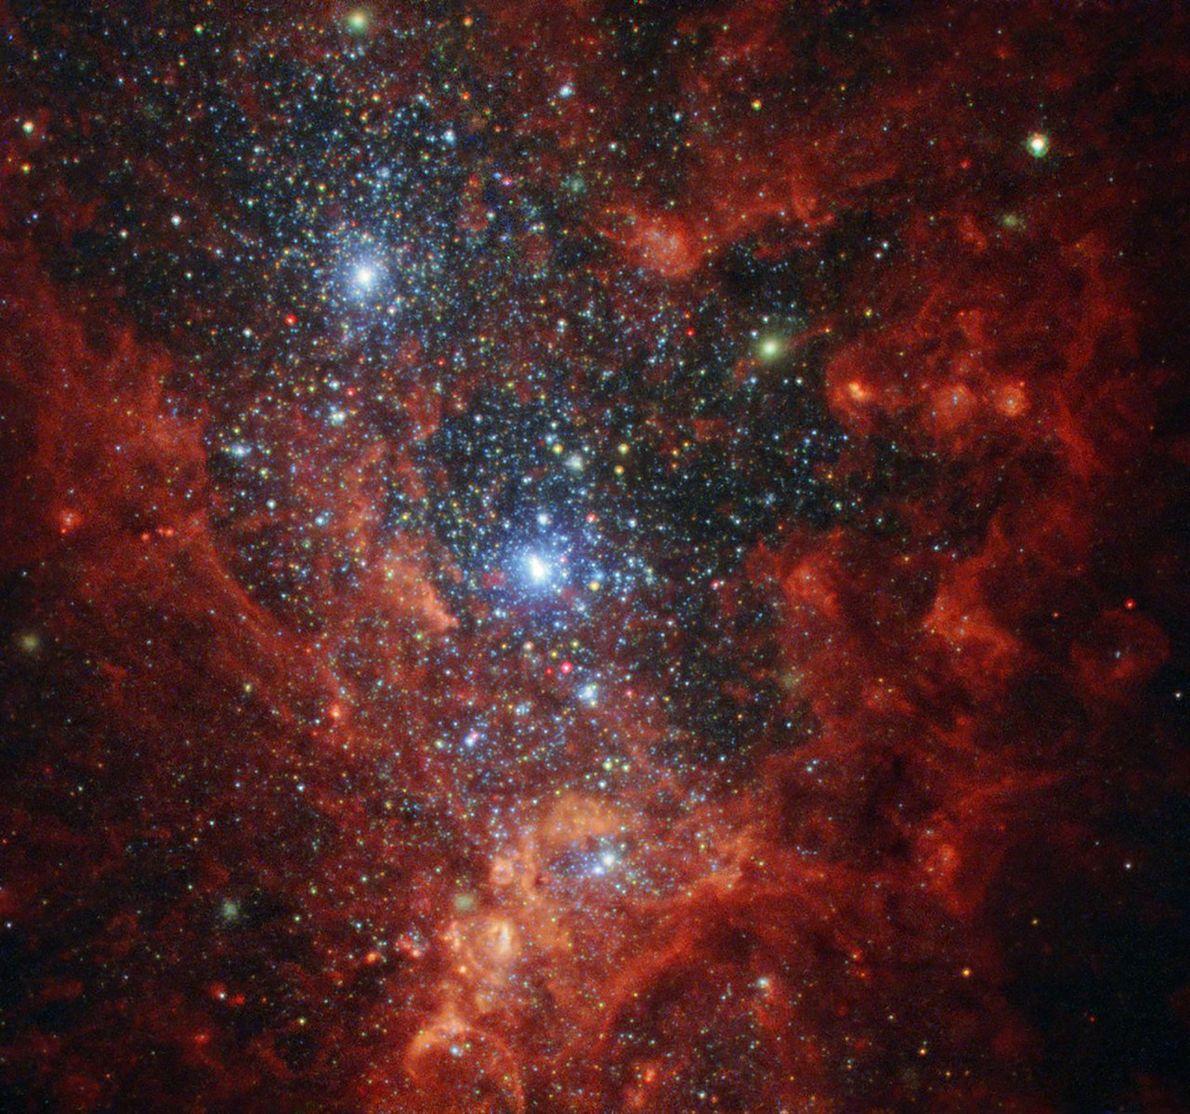 Cette image du télescope spatial Hubble NASA / ESA révèle l'intérieur irisé de l'une des galaxies ...